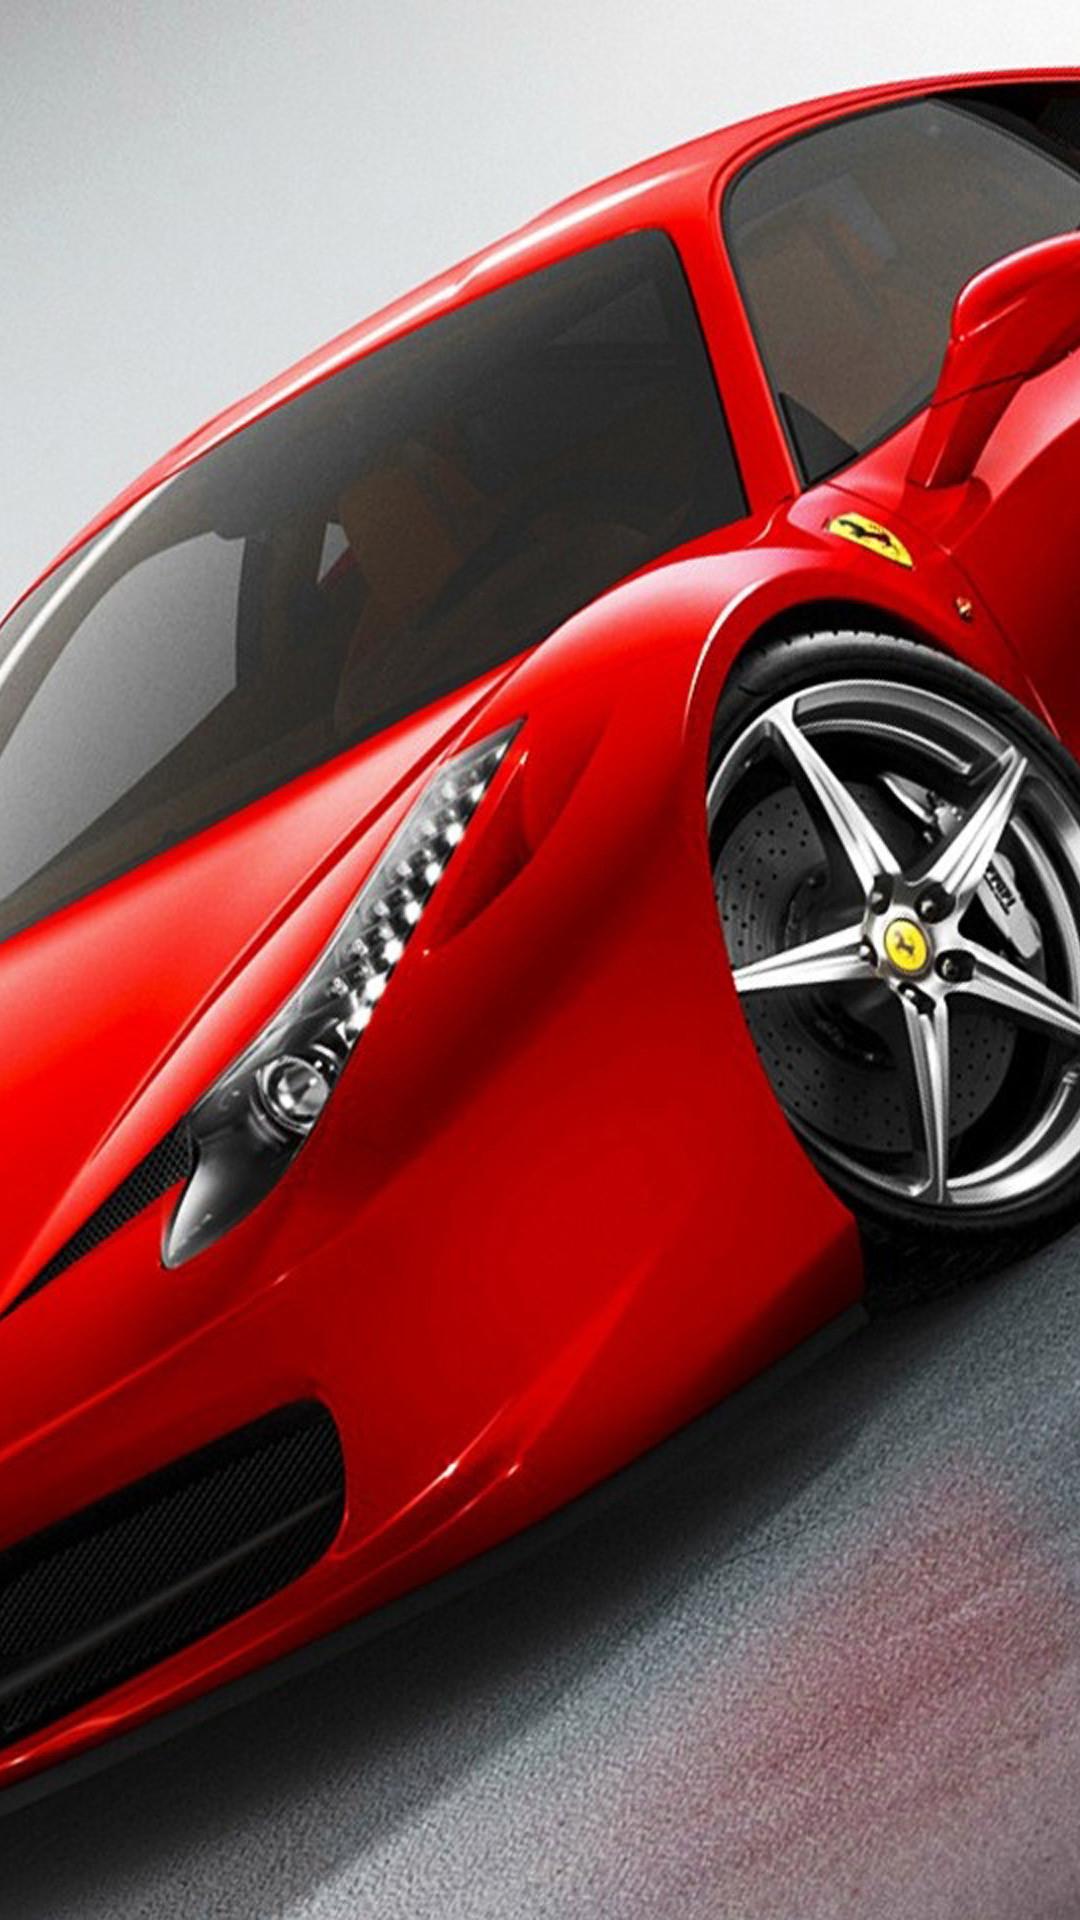 Ferrari 458 Italia Wallpaper Hd 79 Images